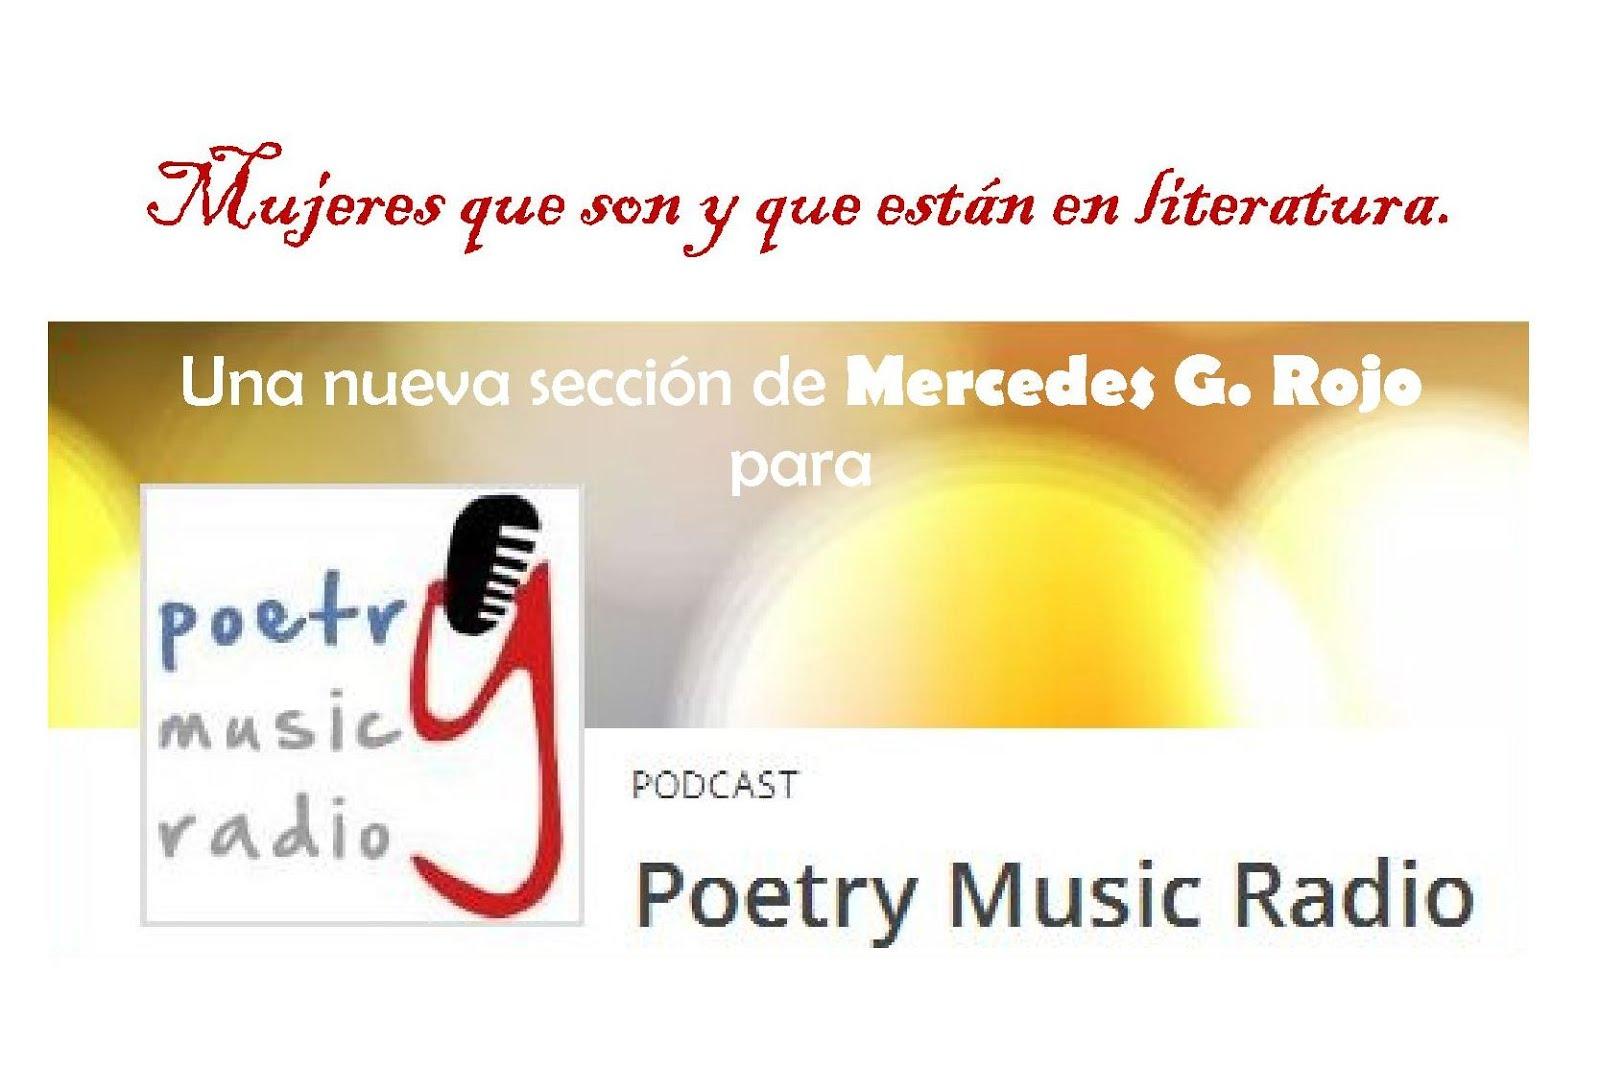 SECCIÓN RADIOFÓNICA EN POETRY MUSIC RADIO